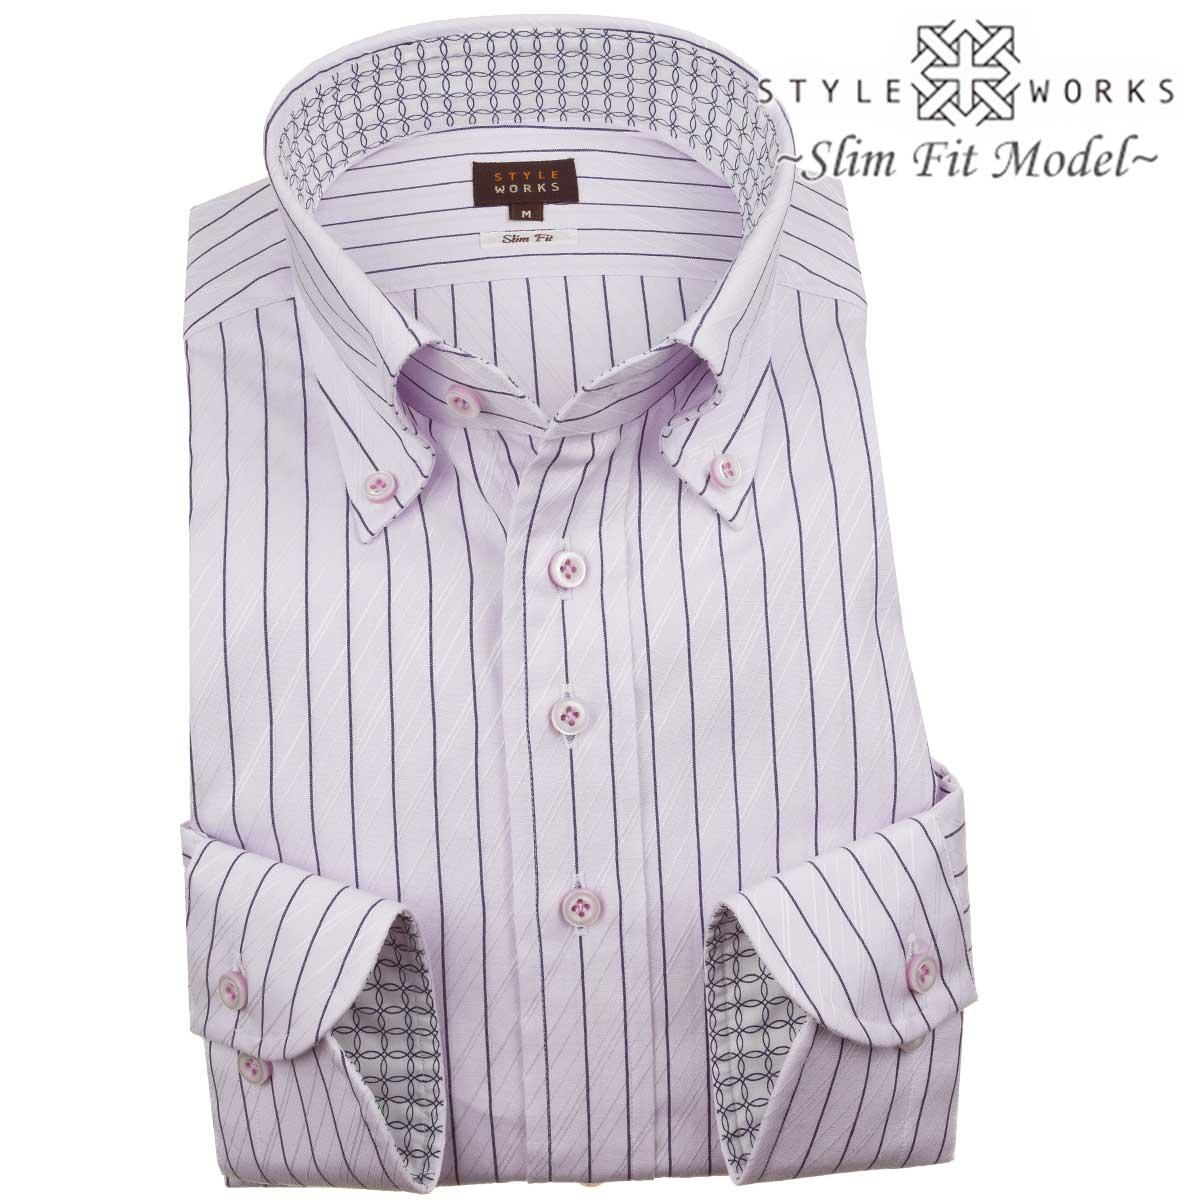 ドレスシャツ ワイシャツ シャツ メンズ 国産 長袖 綿100% スリムフィット ボタンダウン ラベンダー ネイビーペンシルストライプ ジャガードバイアスストライプ【Sサイズ・裄丈81cm】